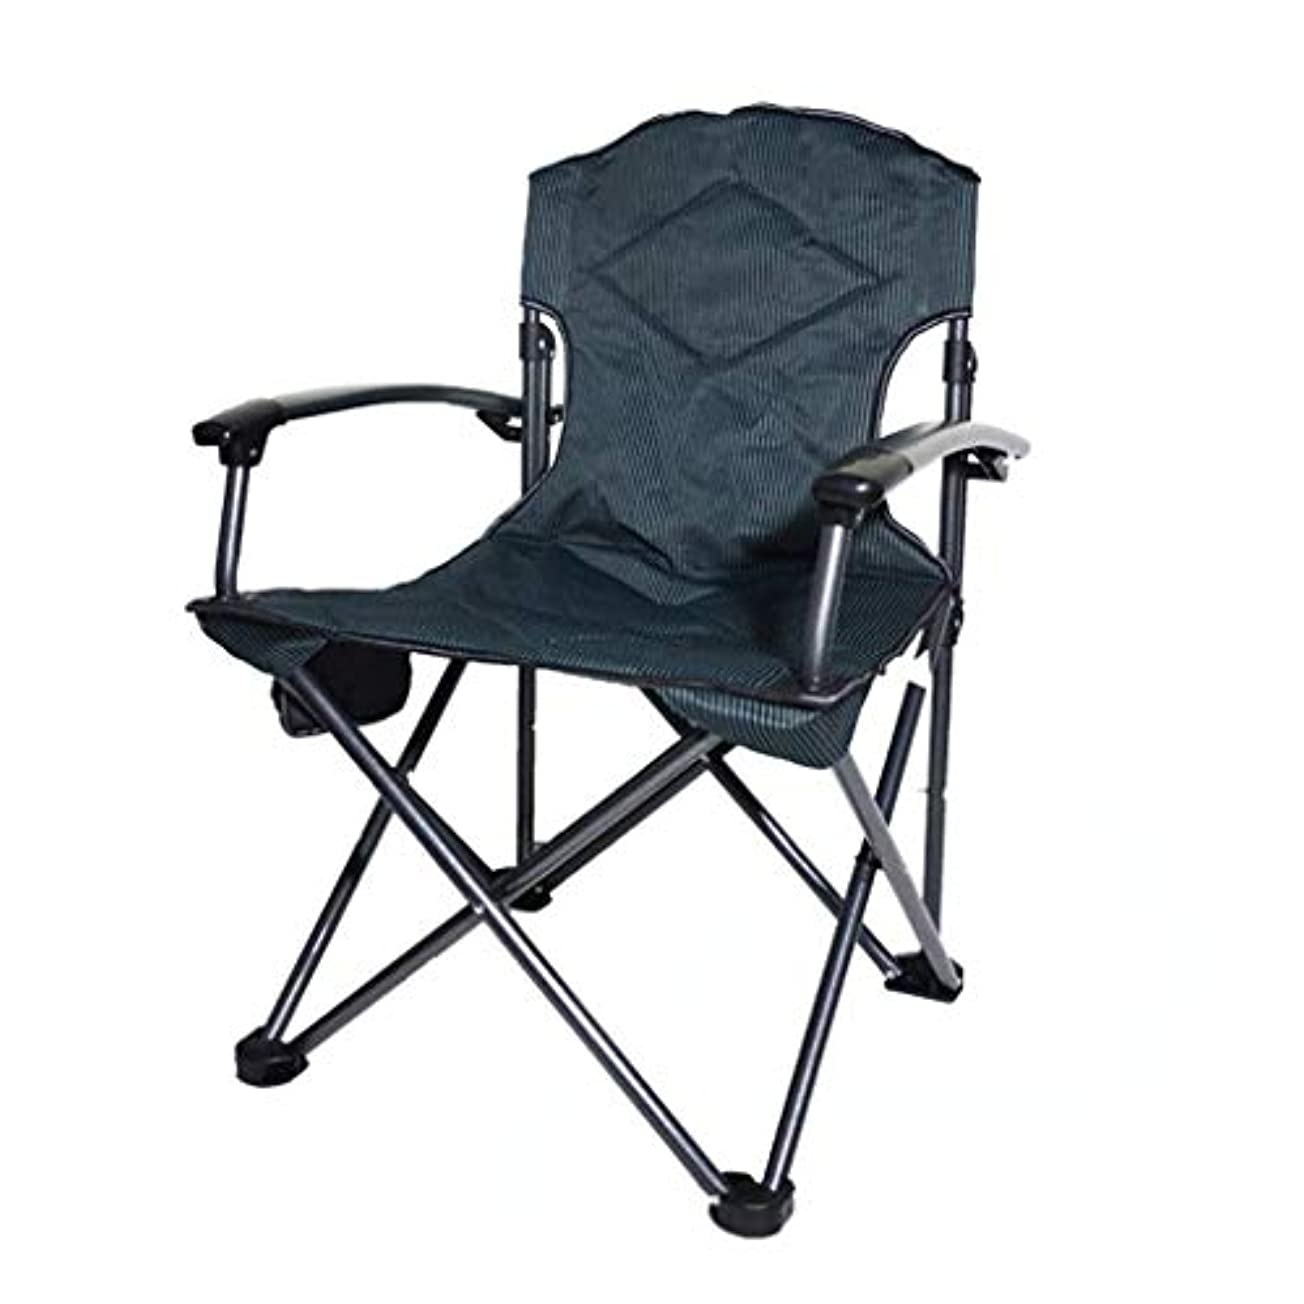 雪だるま備品作曲する携帯用キャンプチェア、アームレスト付き、カップホルダー付き折りたたみチェア屋外用、通気性、ハイキング、ピクニック、釣り、フェスティバルヘビーデューティ300ポンド容量,A